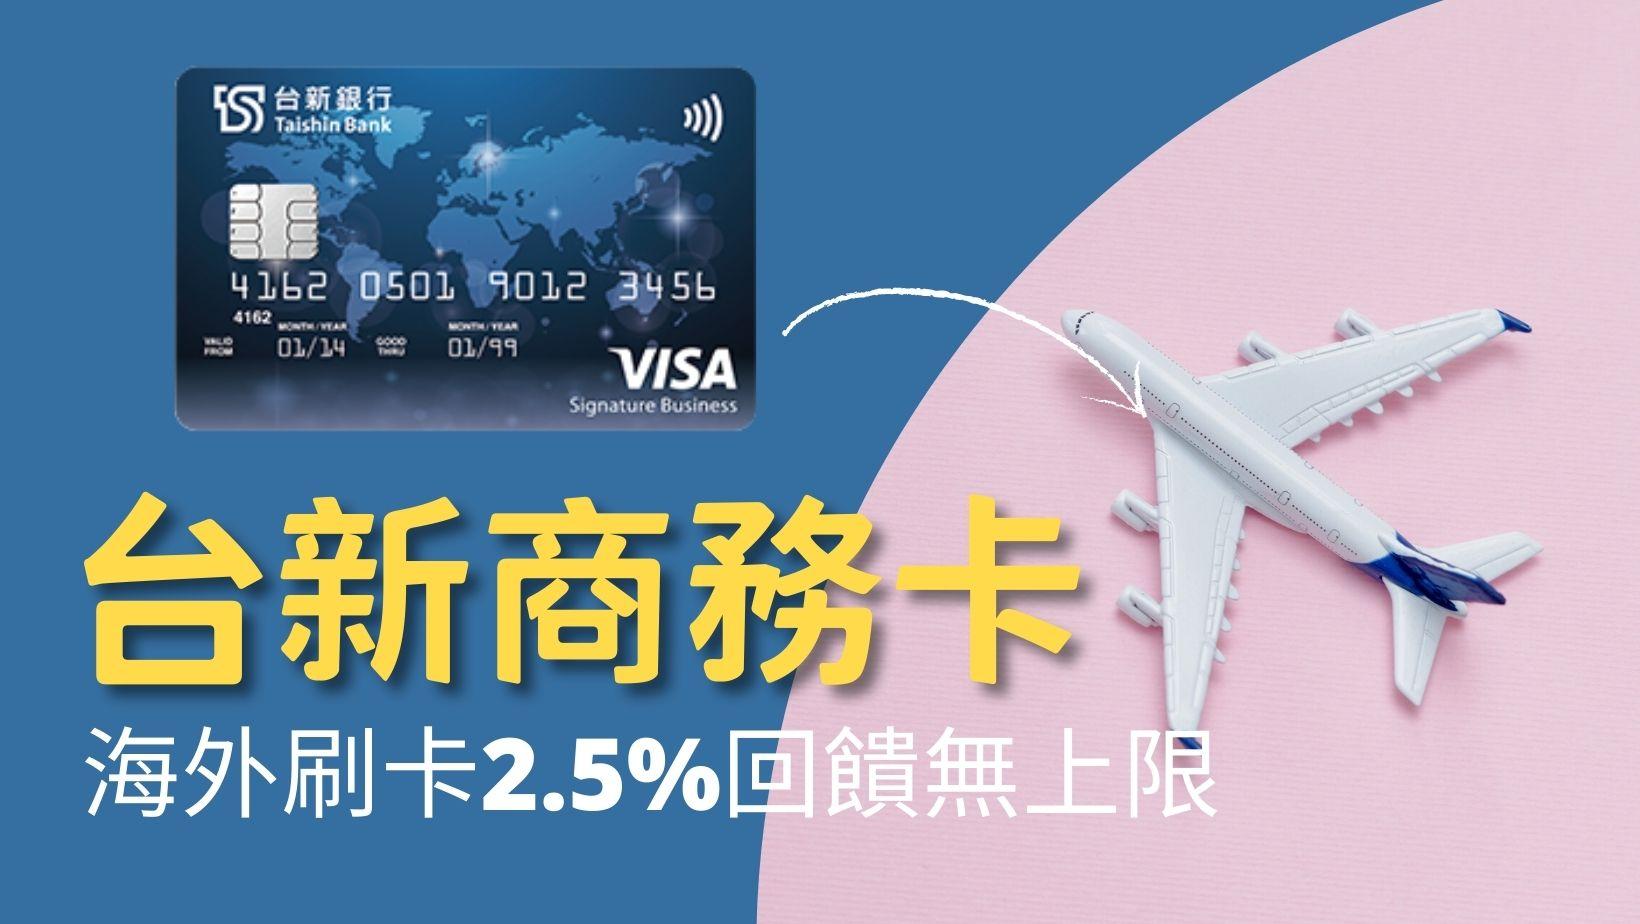 【台新商務卡】海外2.5%回饋無上限 享天天市區免費停車